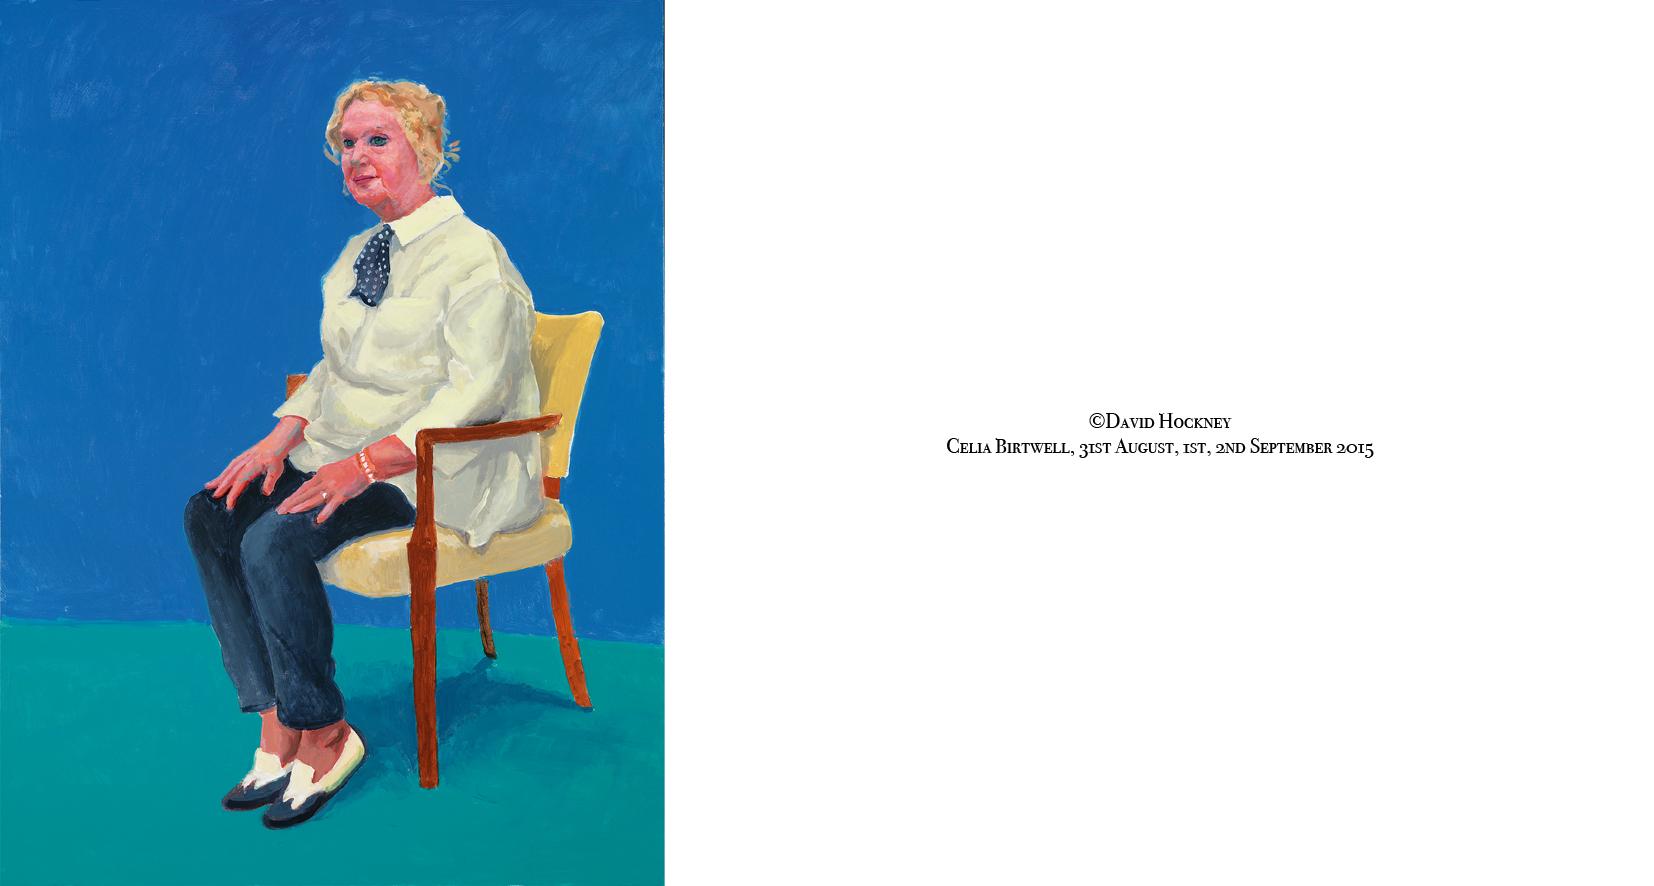 David-Hockney-08A.jpg